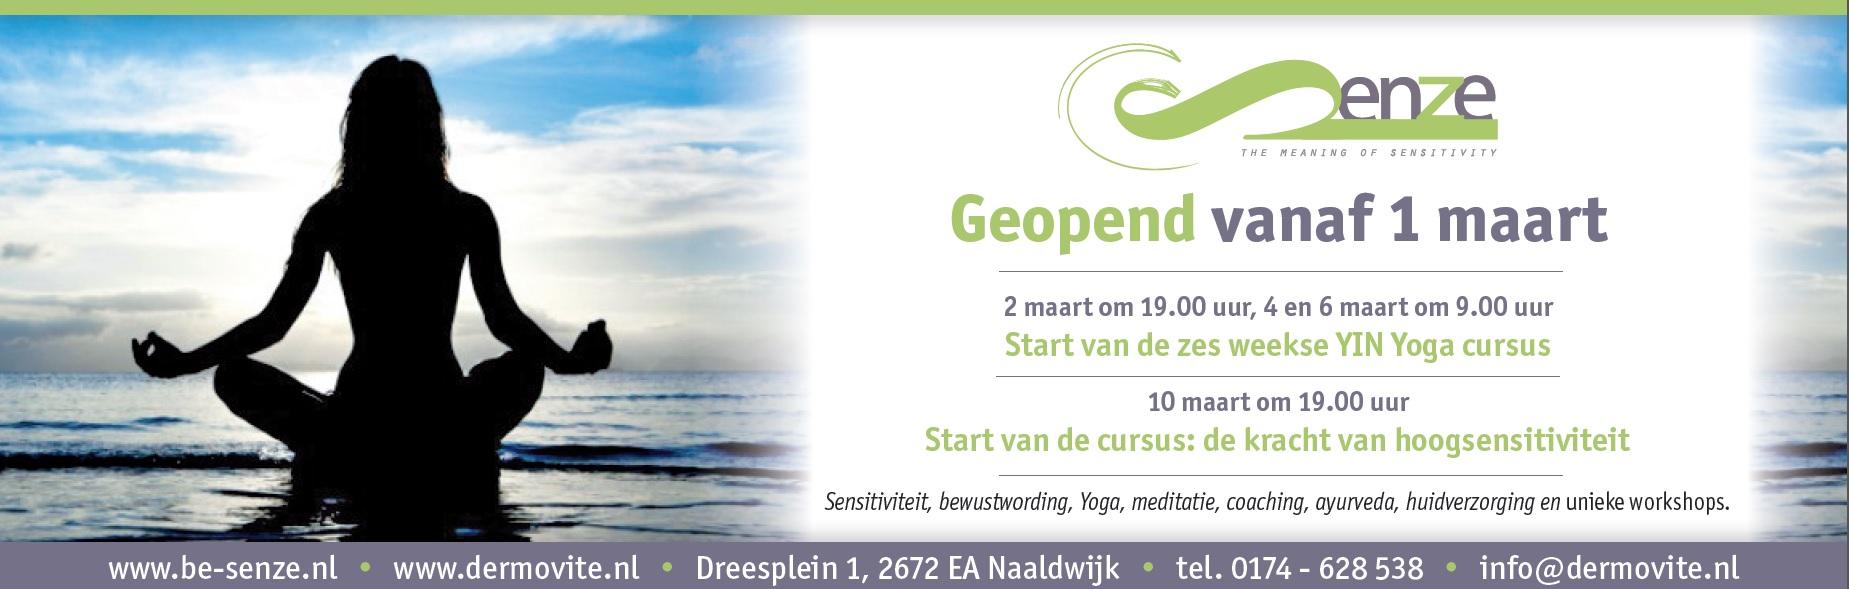 Be Senze opening 1 maart